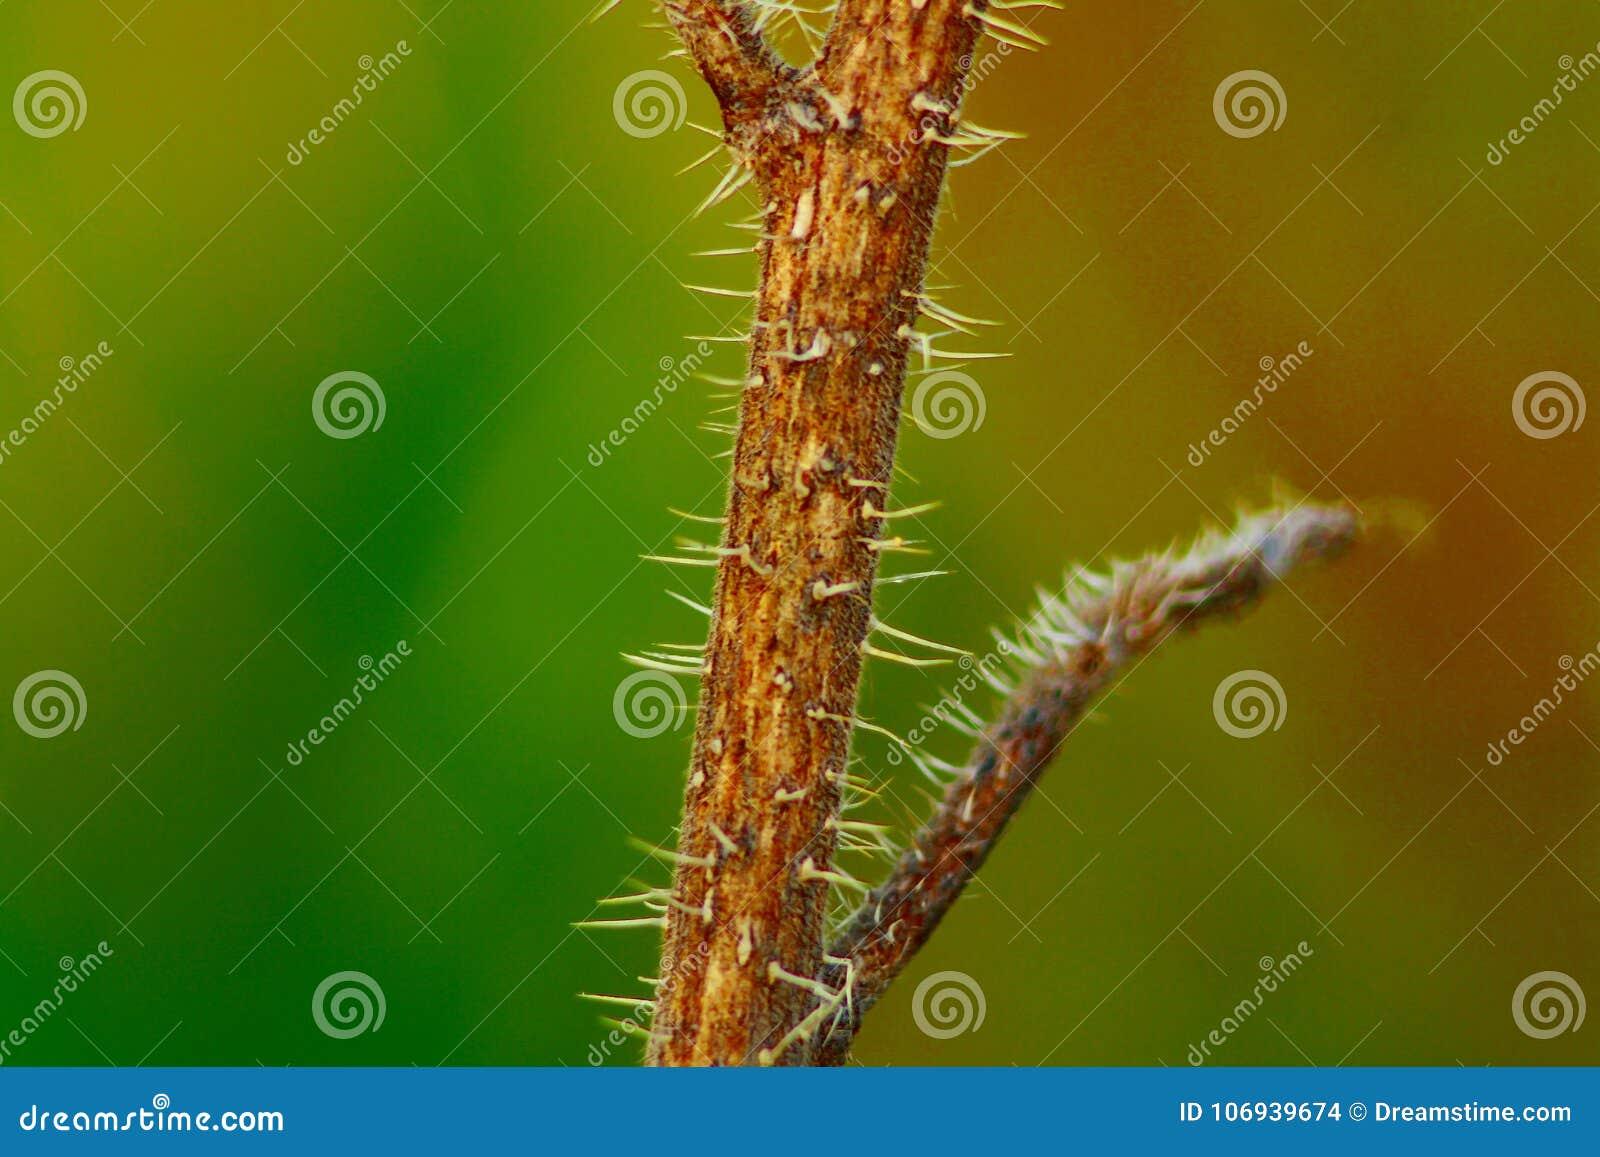 Roczna trawiasta roślina typowa Włoski półwysep